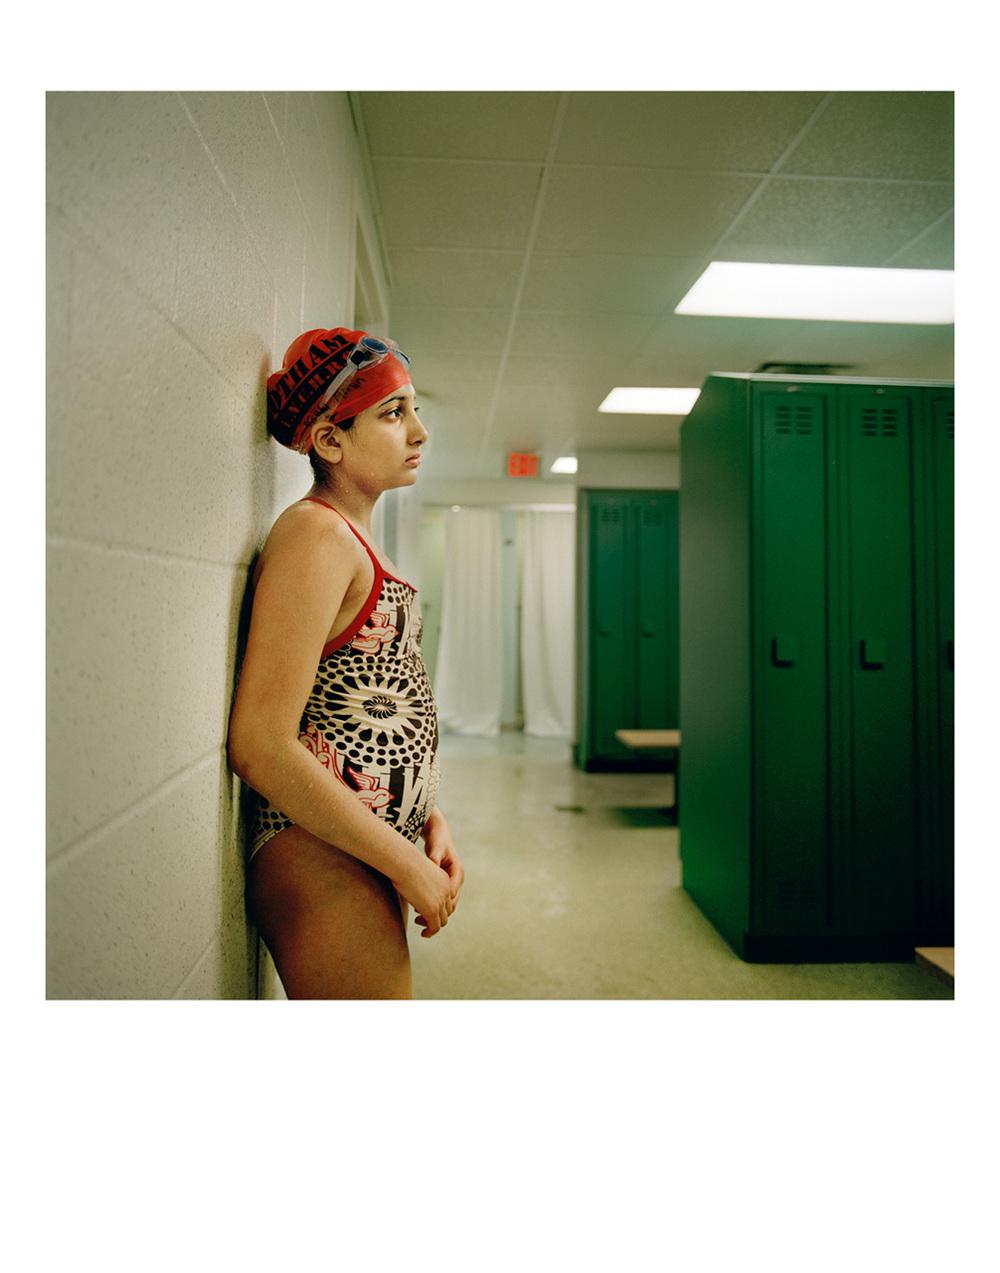 alinka_echeverria_kria_green.lockers.jpg